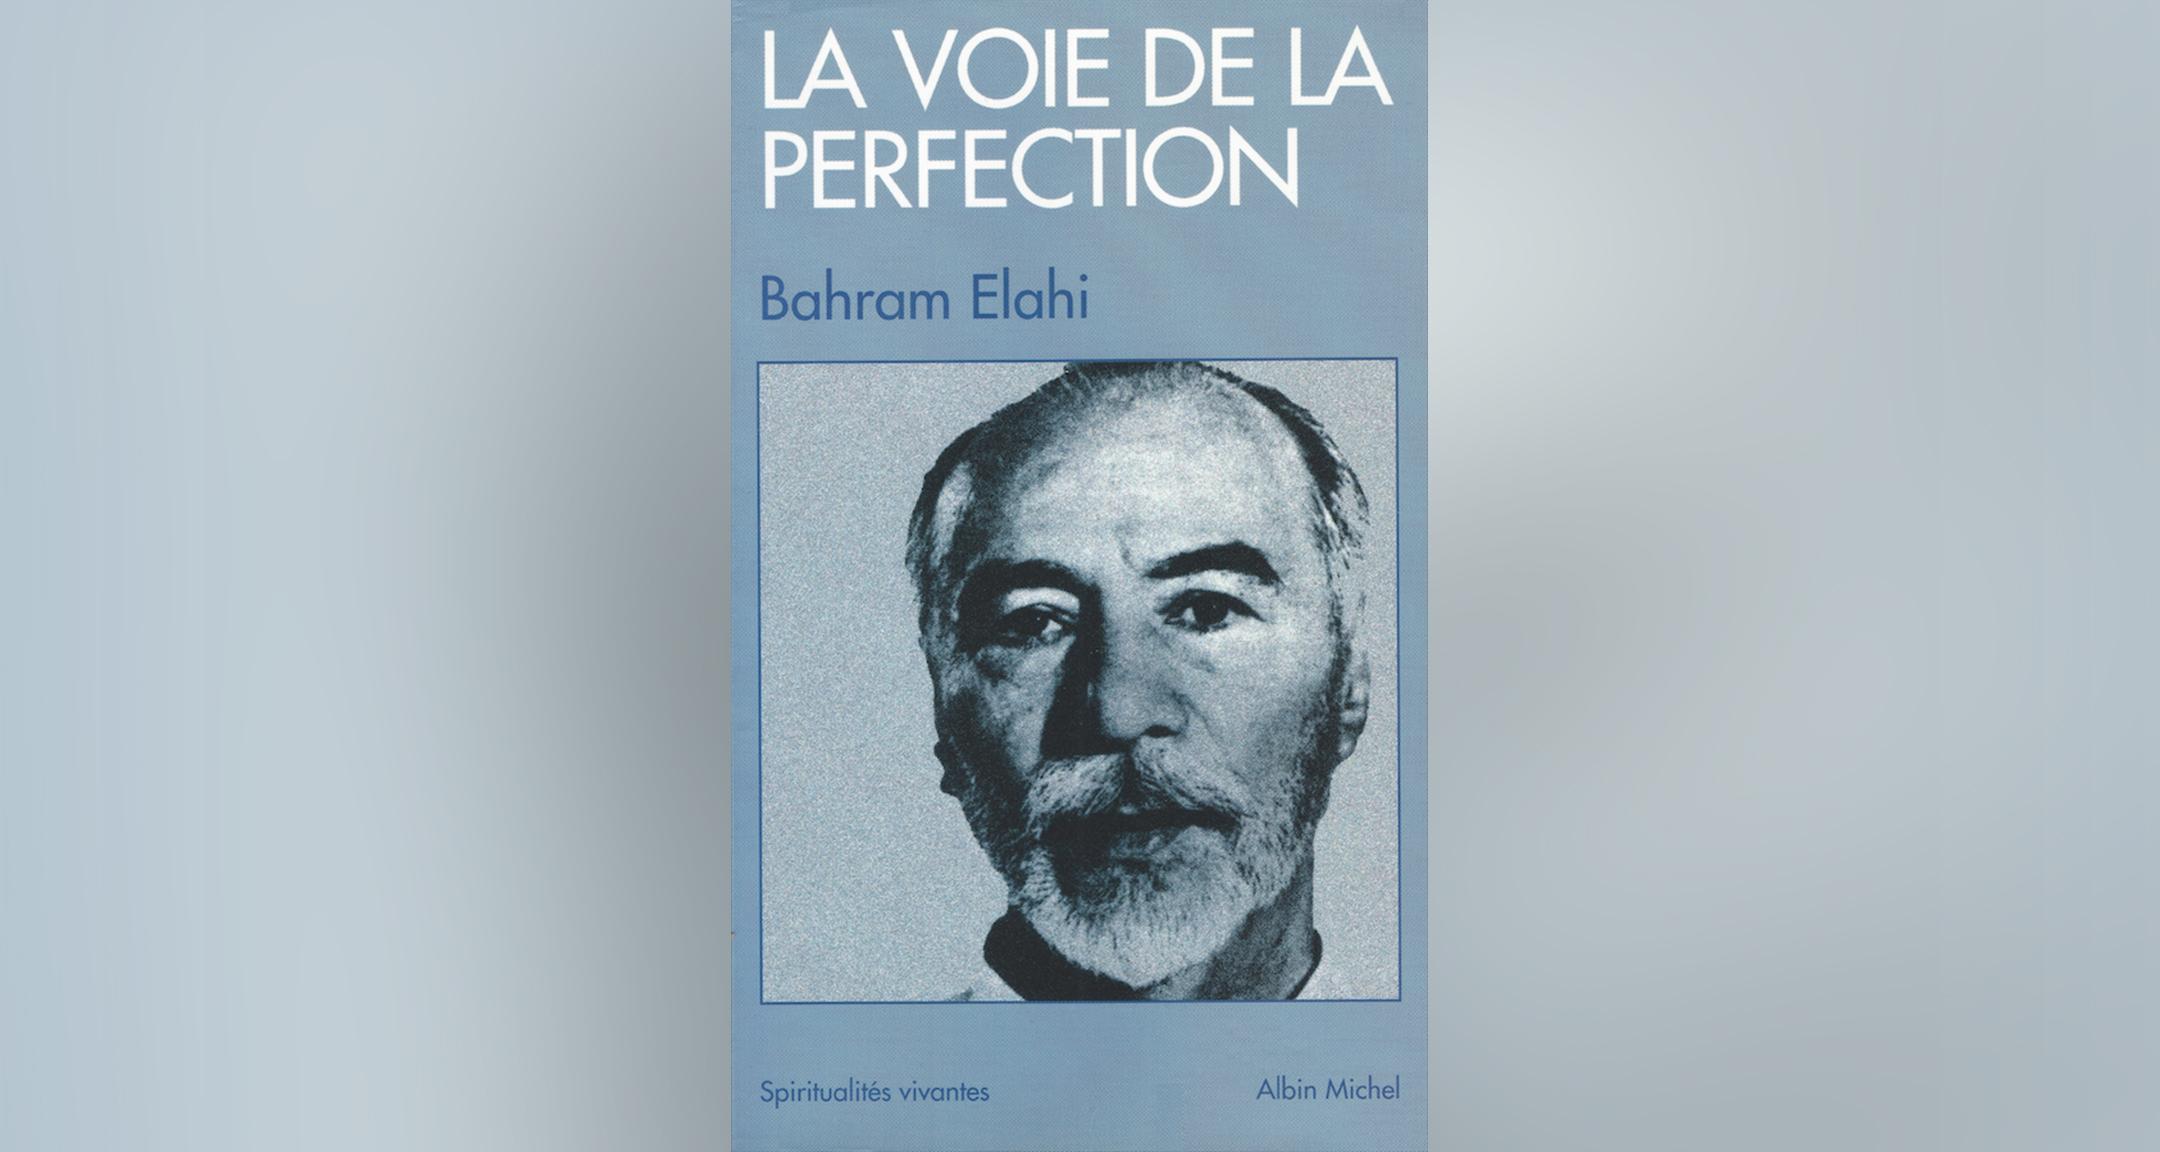 La Voie de la Perfection, Bahram Elahi